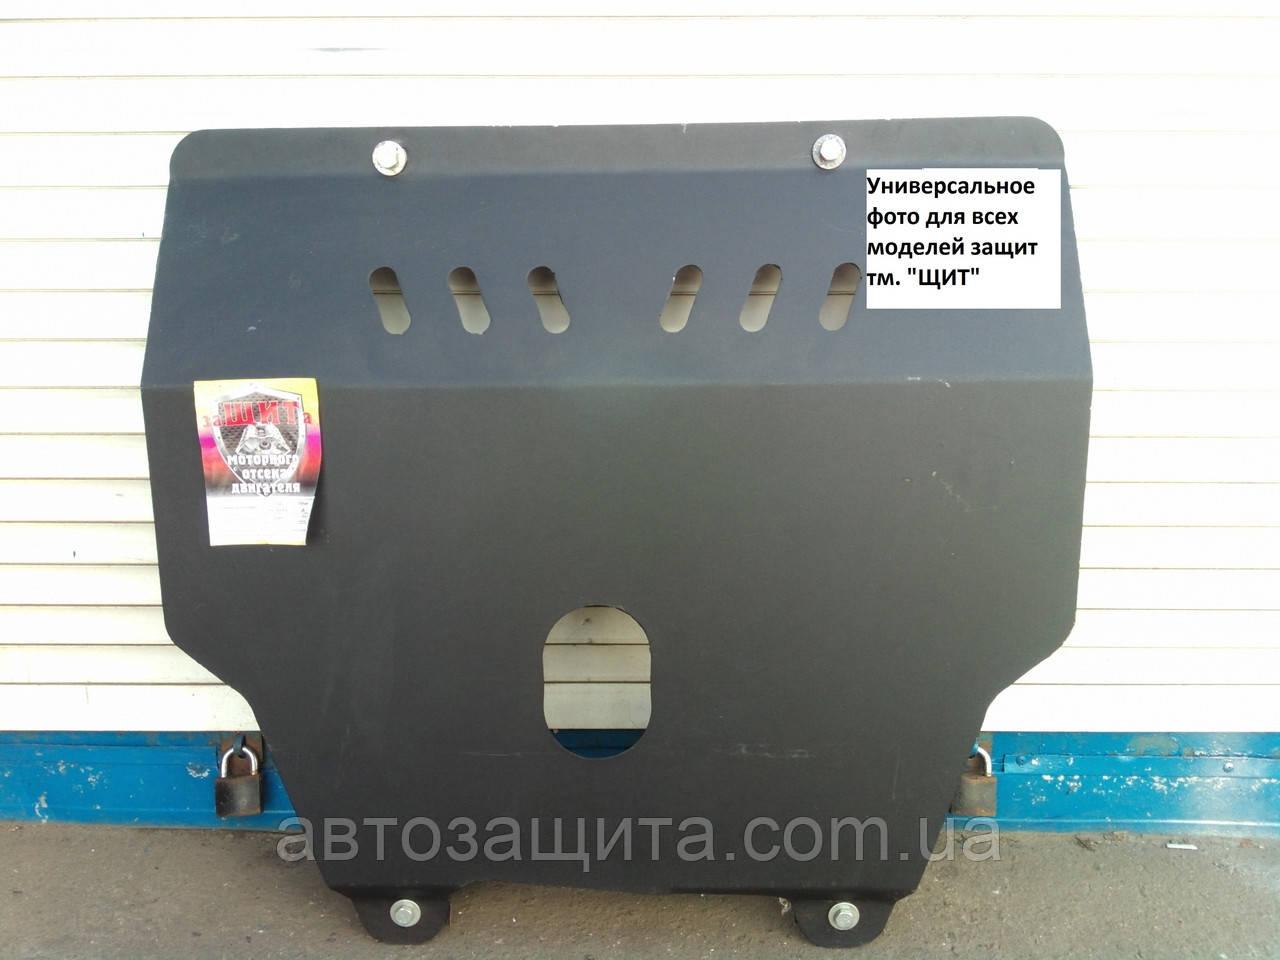 Mitsubishi Carisma 1995-2003 - автозащита.com.ua в Харькове